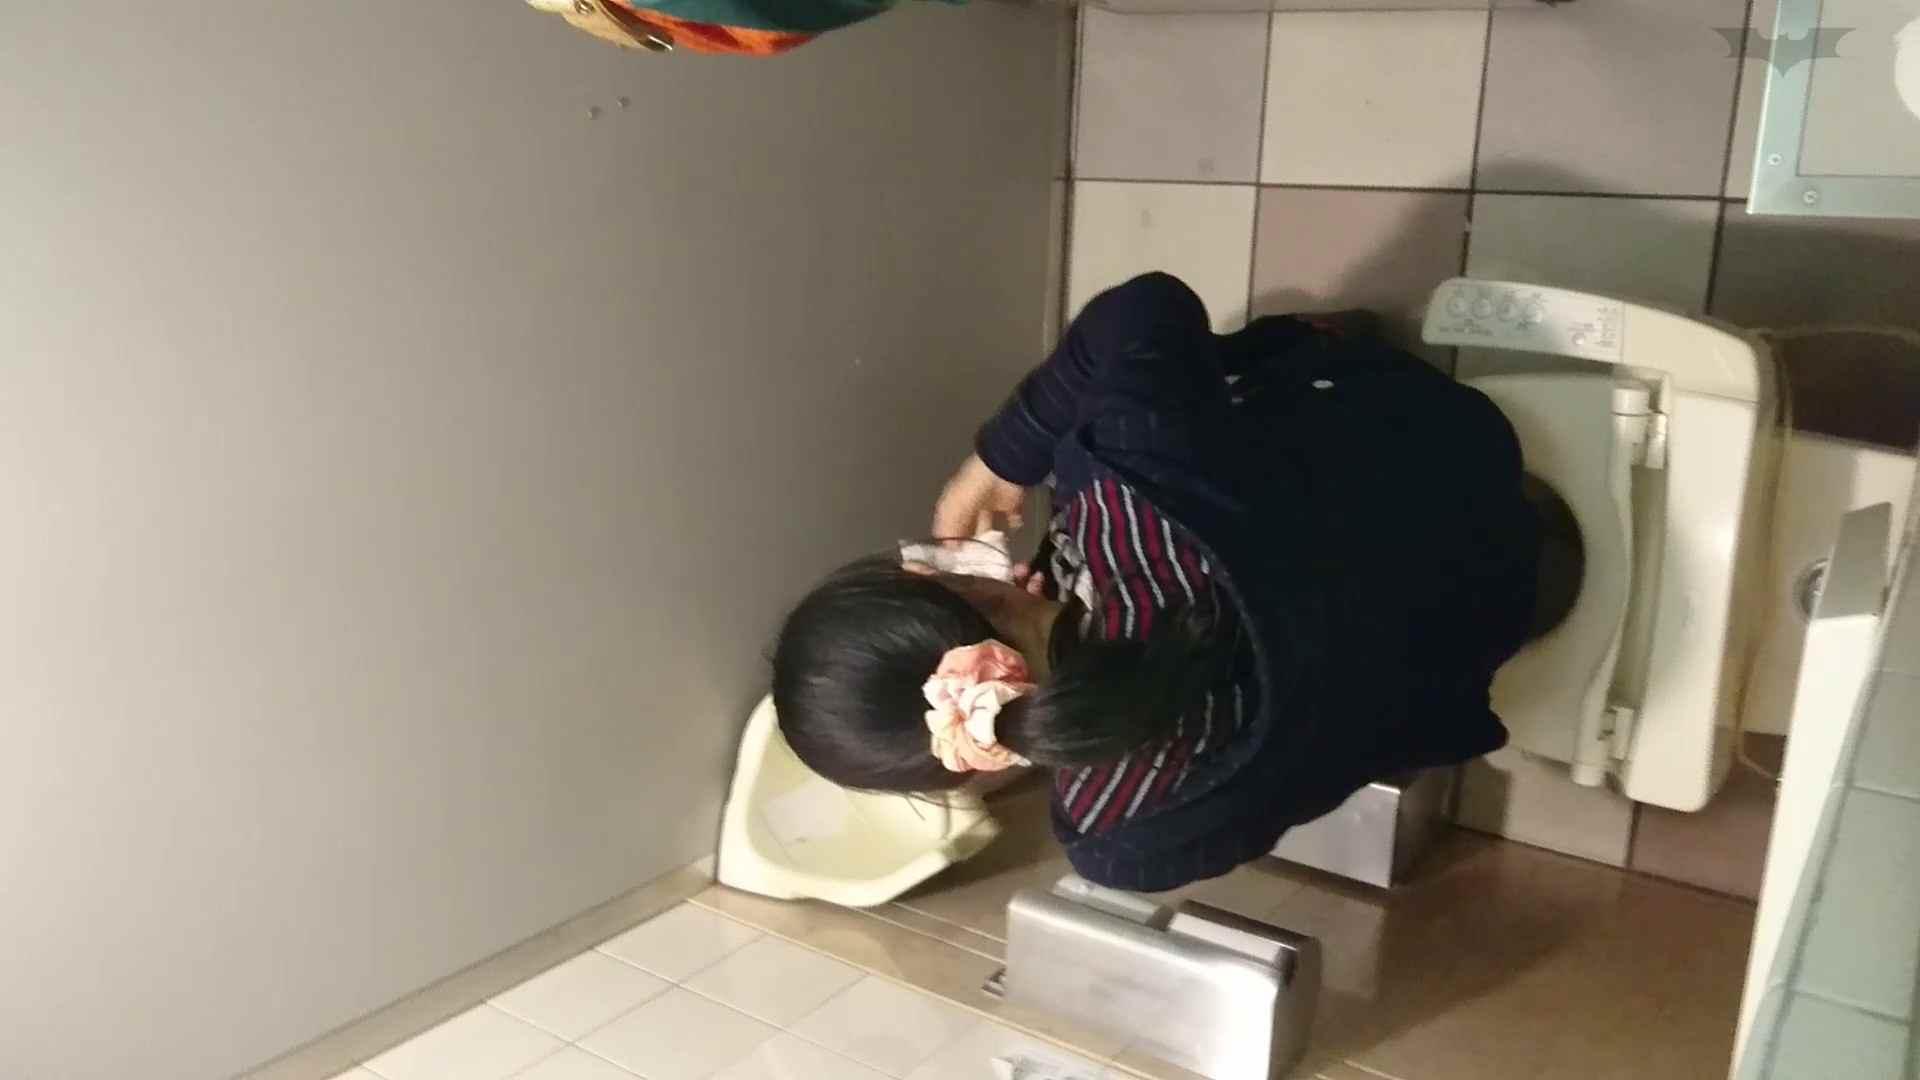 化粧室絵巻 ショッピングモール編 VOL.18 むっちりガール 性交動画流出 108枚 44